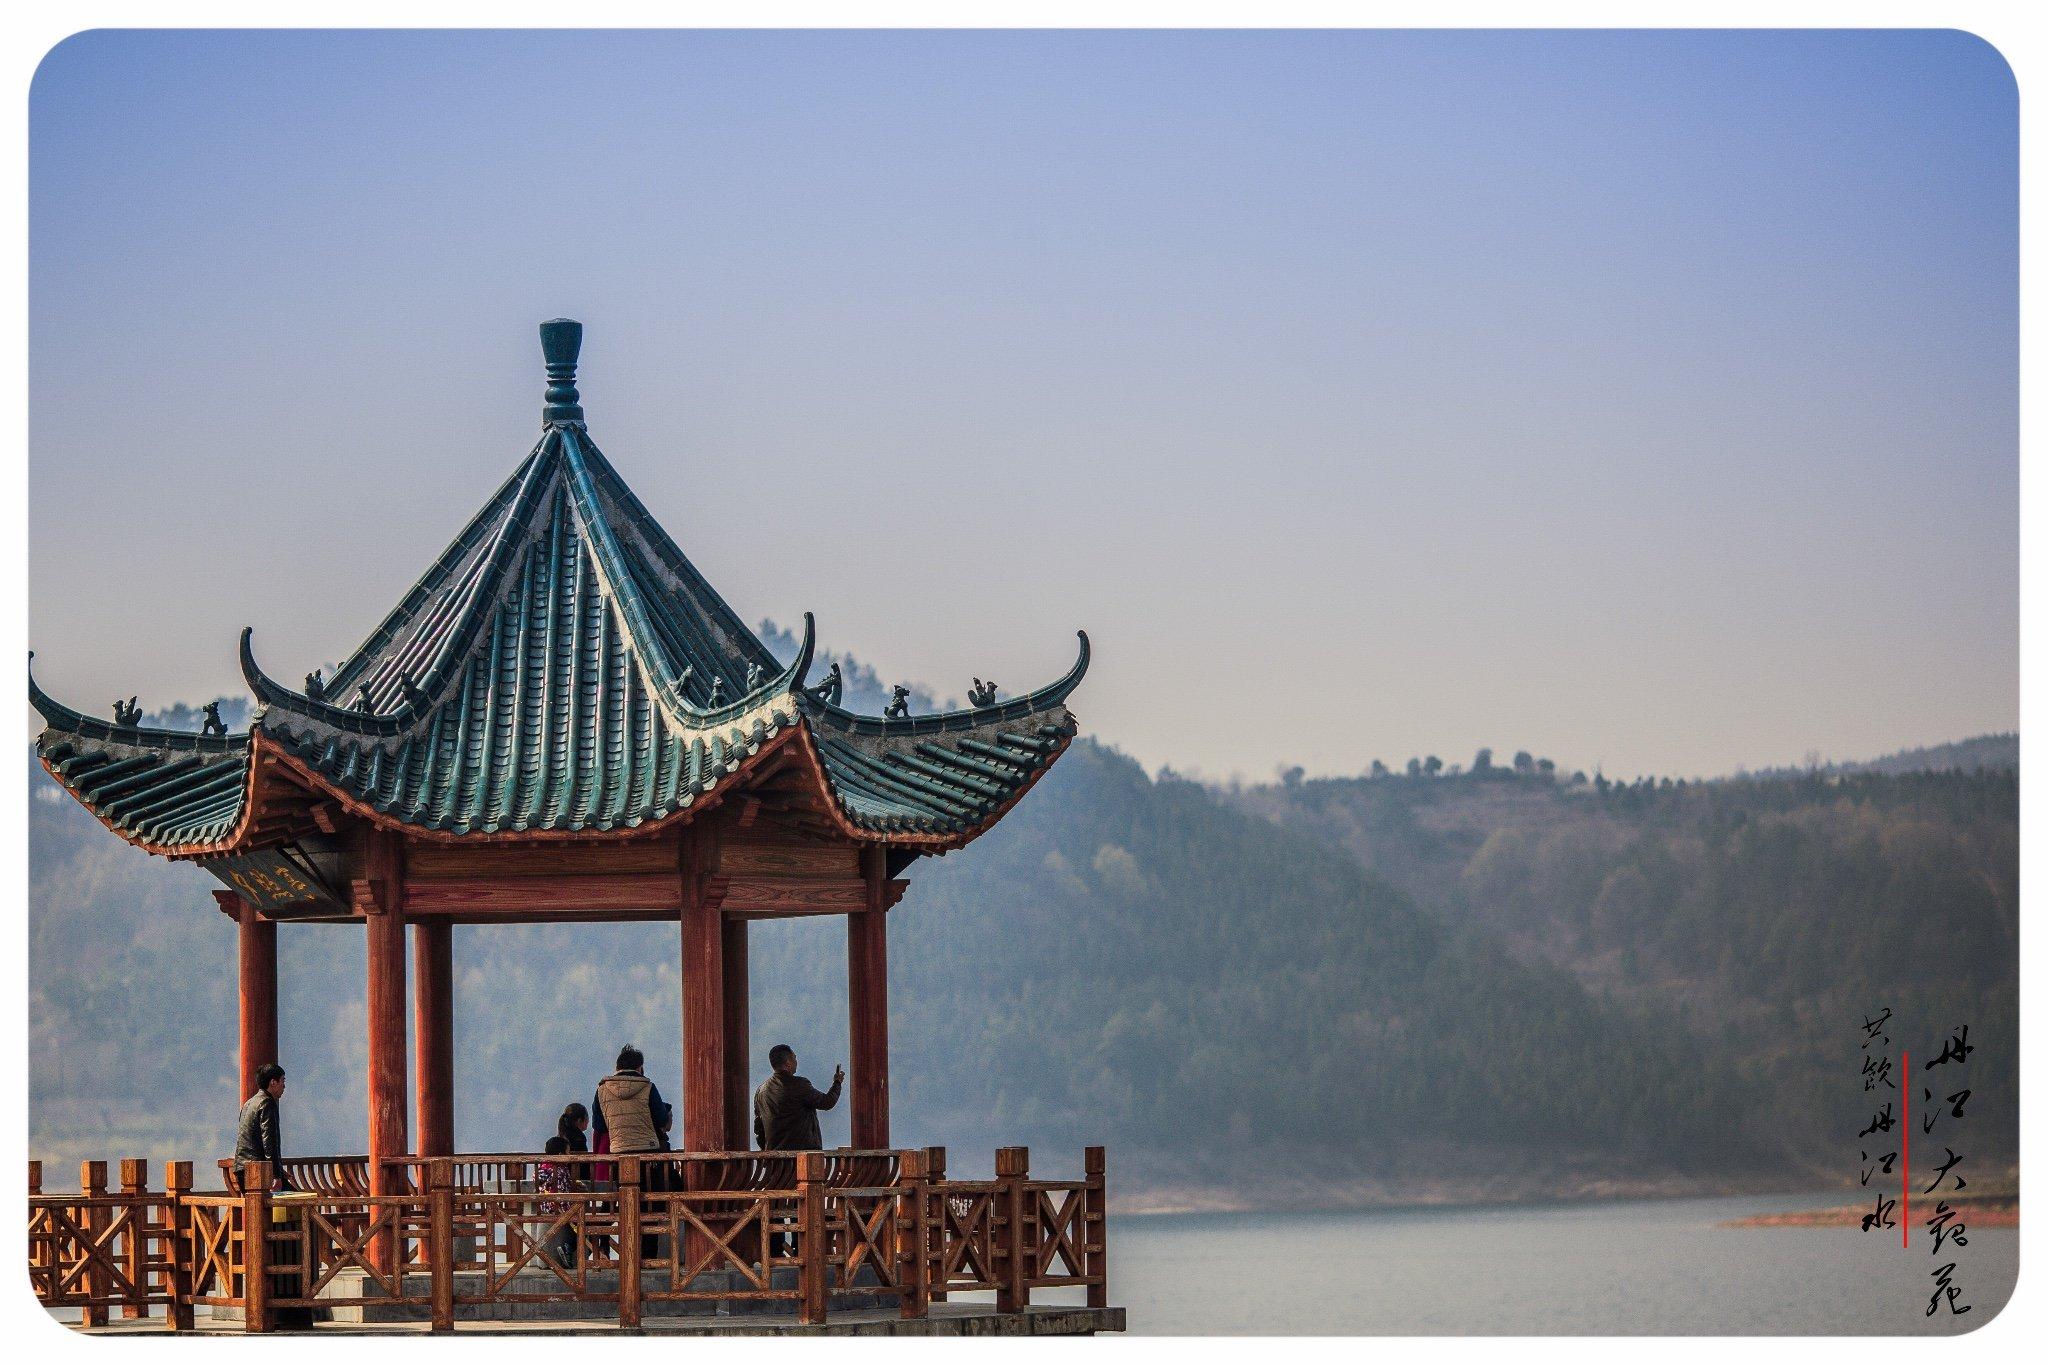 路过那凤凰桥,欣赏着江水碧绿,波光粼粼,与沿江廊上的美景如云相呼应.